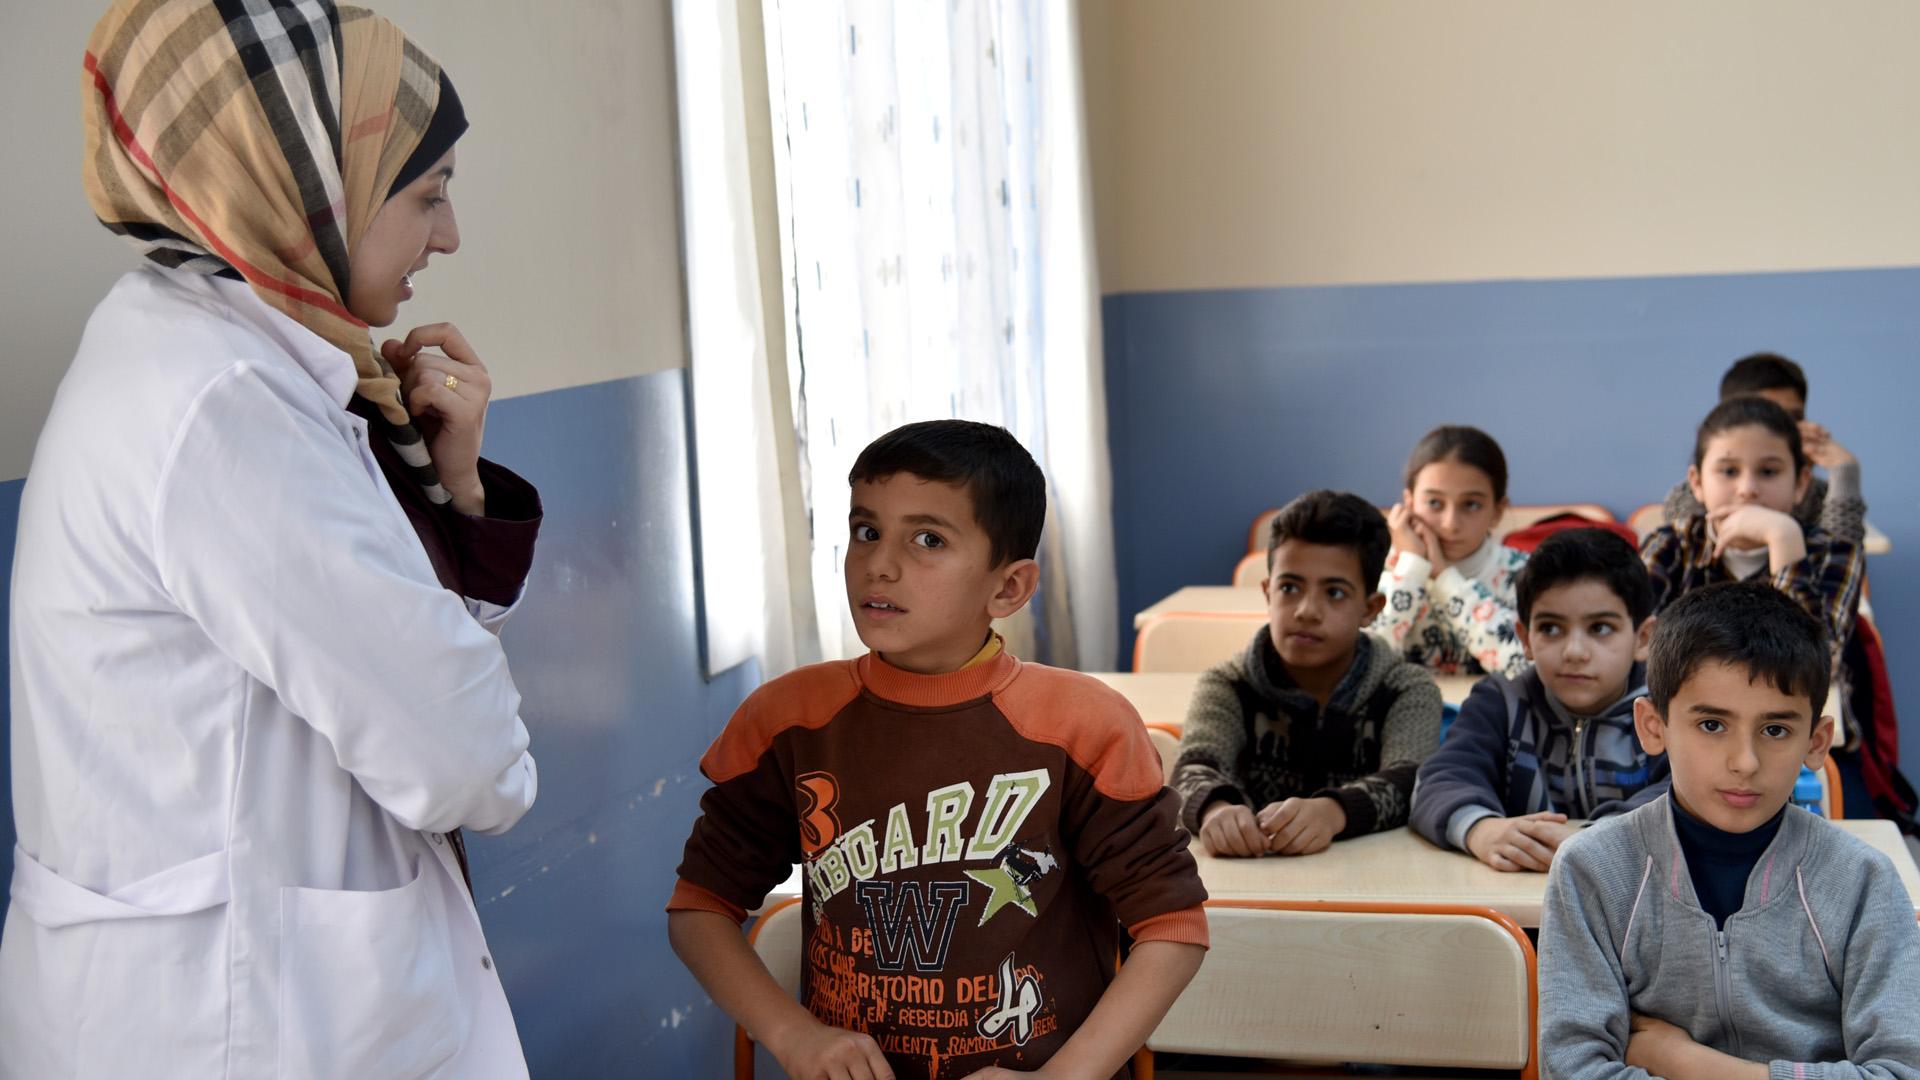 Lehrerin und Schüler der UNICEF-Schule in Adana